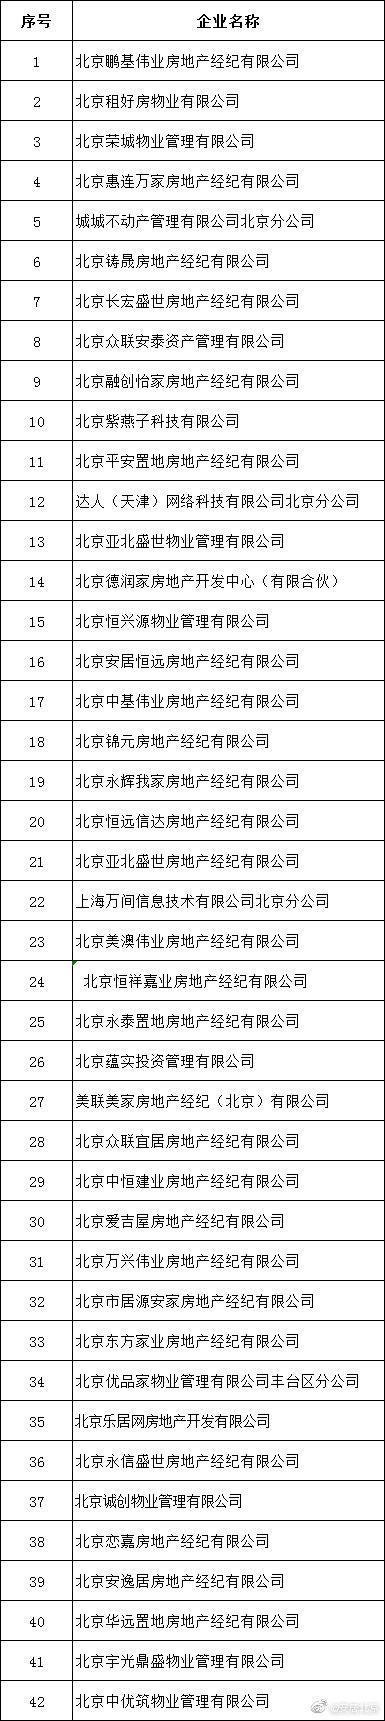 北京发布第二批违法违规行为较多租赁中介企业